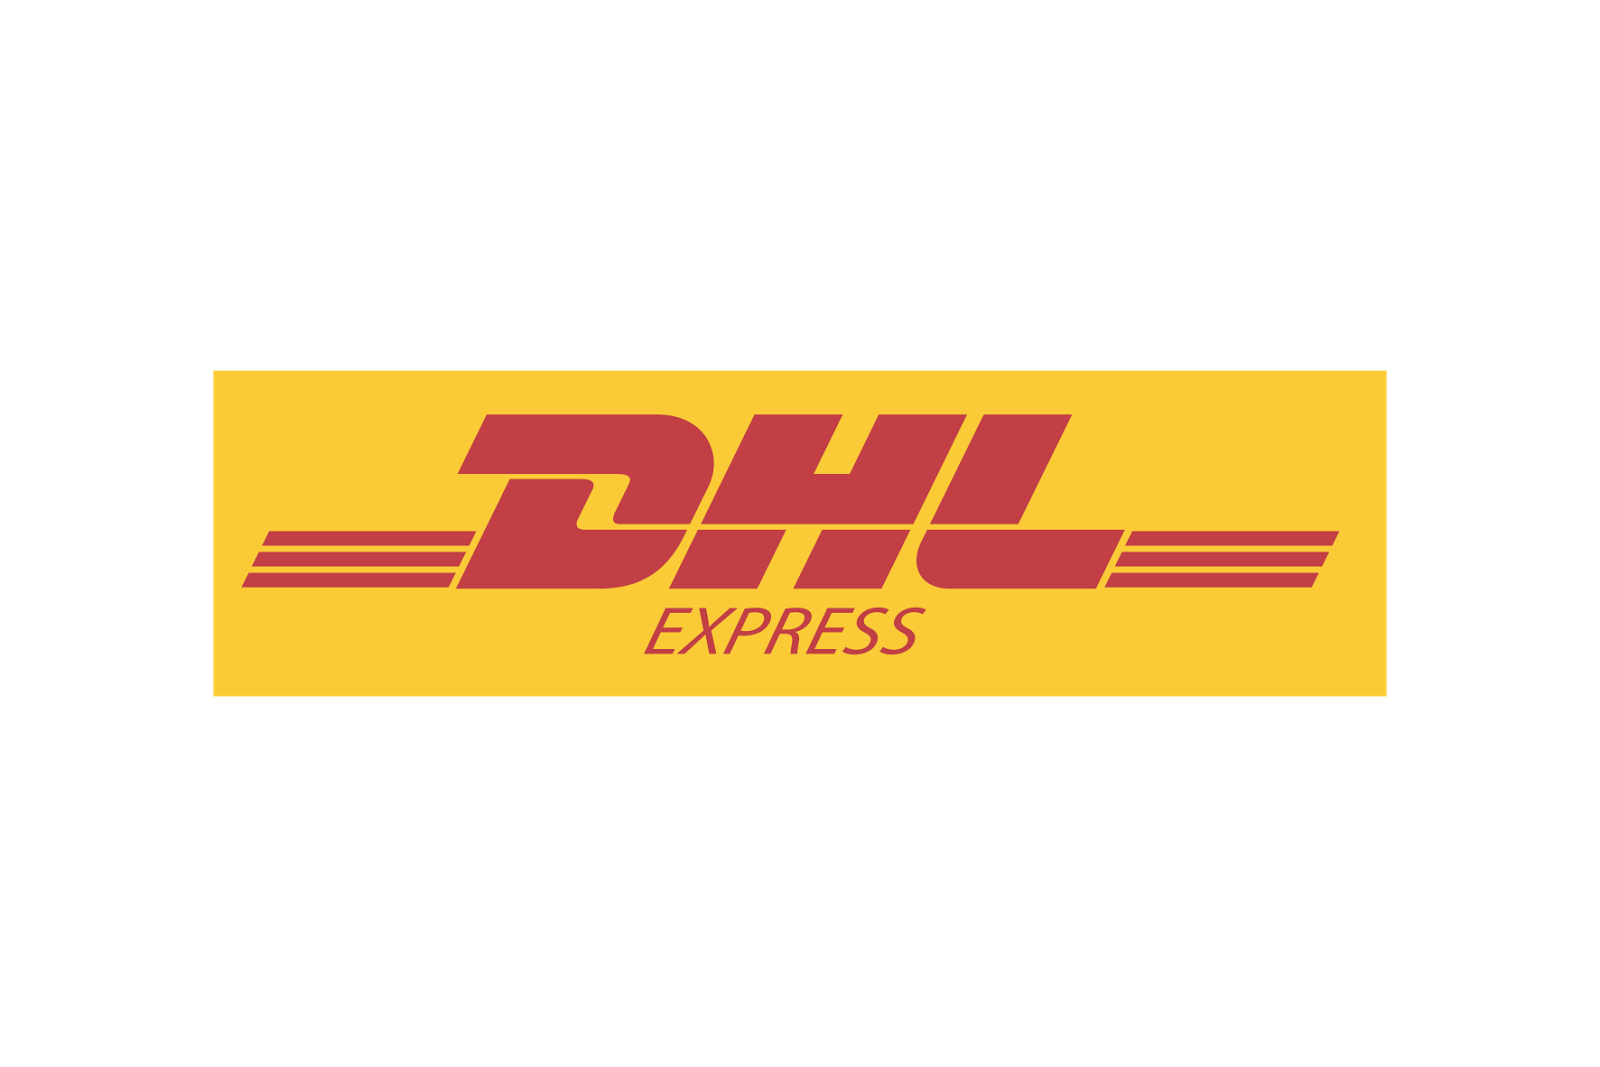 dhl express logo logo share rh logo share blogspot com dhl express logo dhl express login in